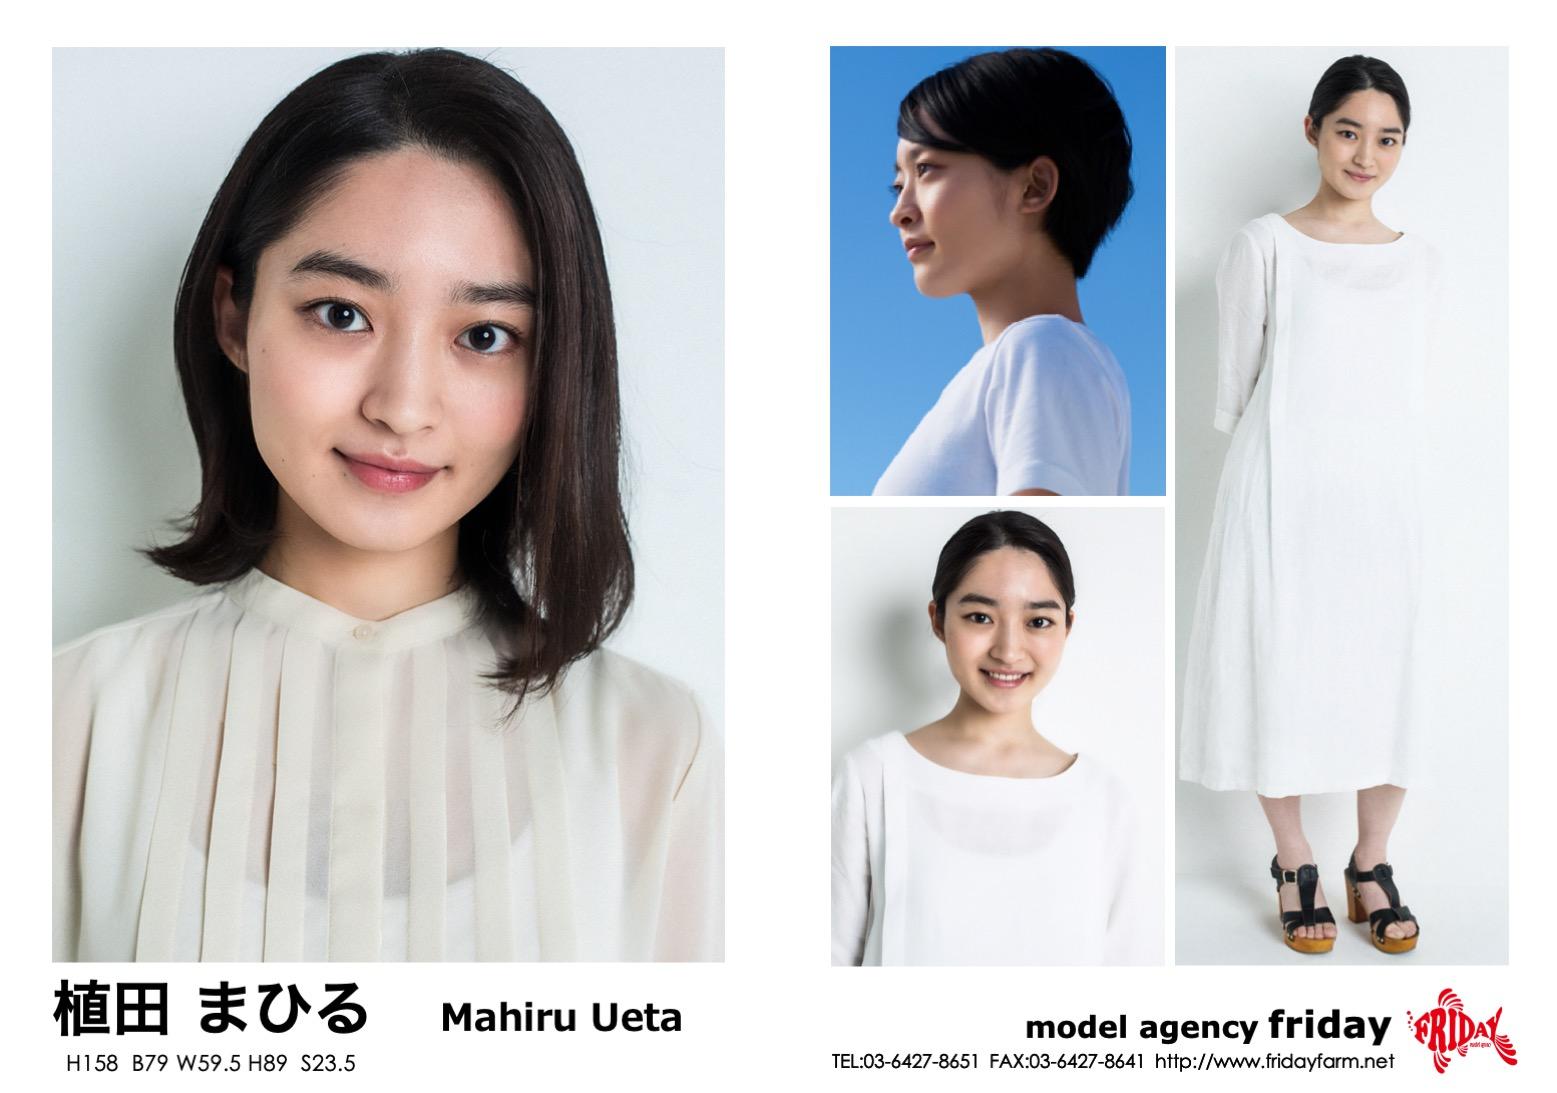 植田 まひる - Mahiru Ueta | model agency friday